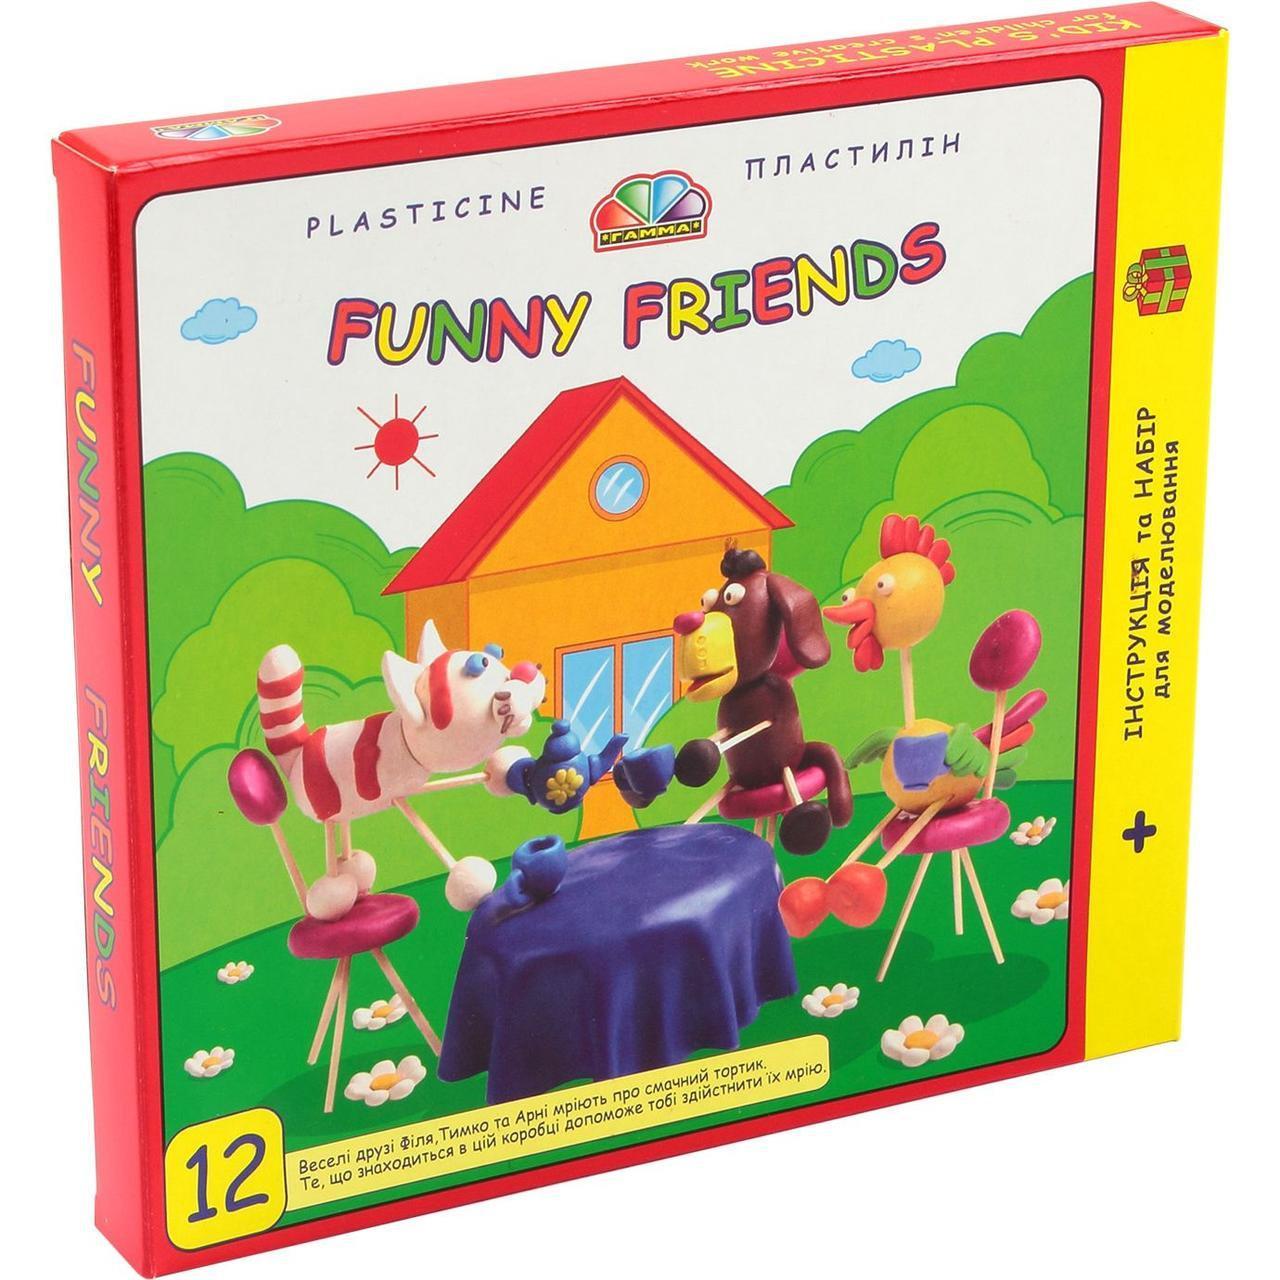 """Пластилин """"Веселі друзі"""" 12 цветов, 180 г в картонной упаковке ГАММА-Н 331017"""